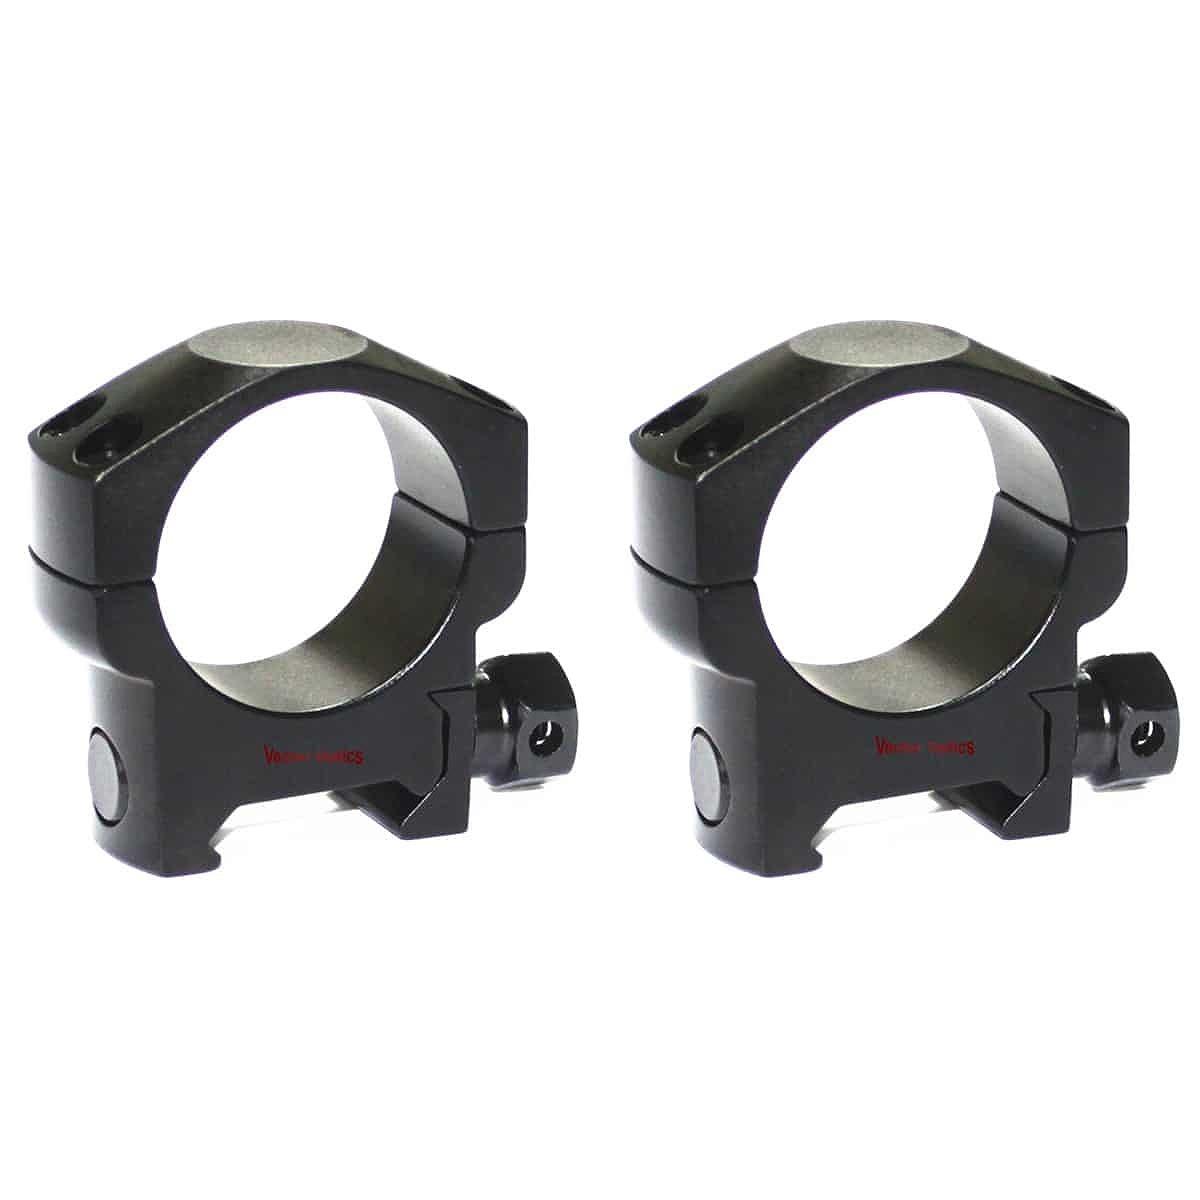 【お届け予定日: 6月30日】ベクターオプティクス スコープマウント 30mm Mark LowProfile Weaver Rings  Vector Optics SCTM-27